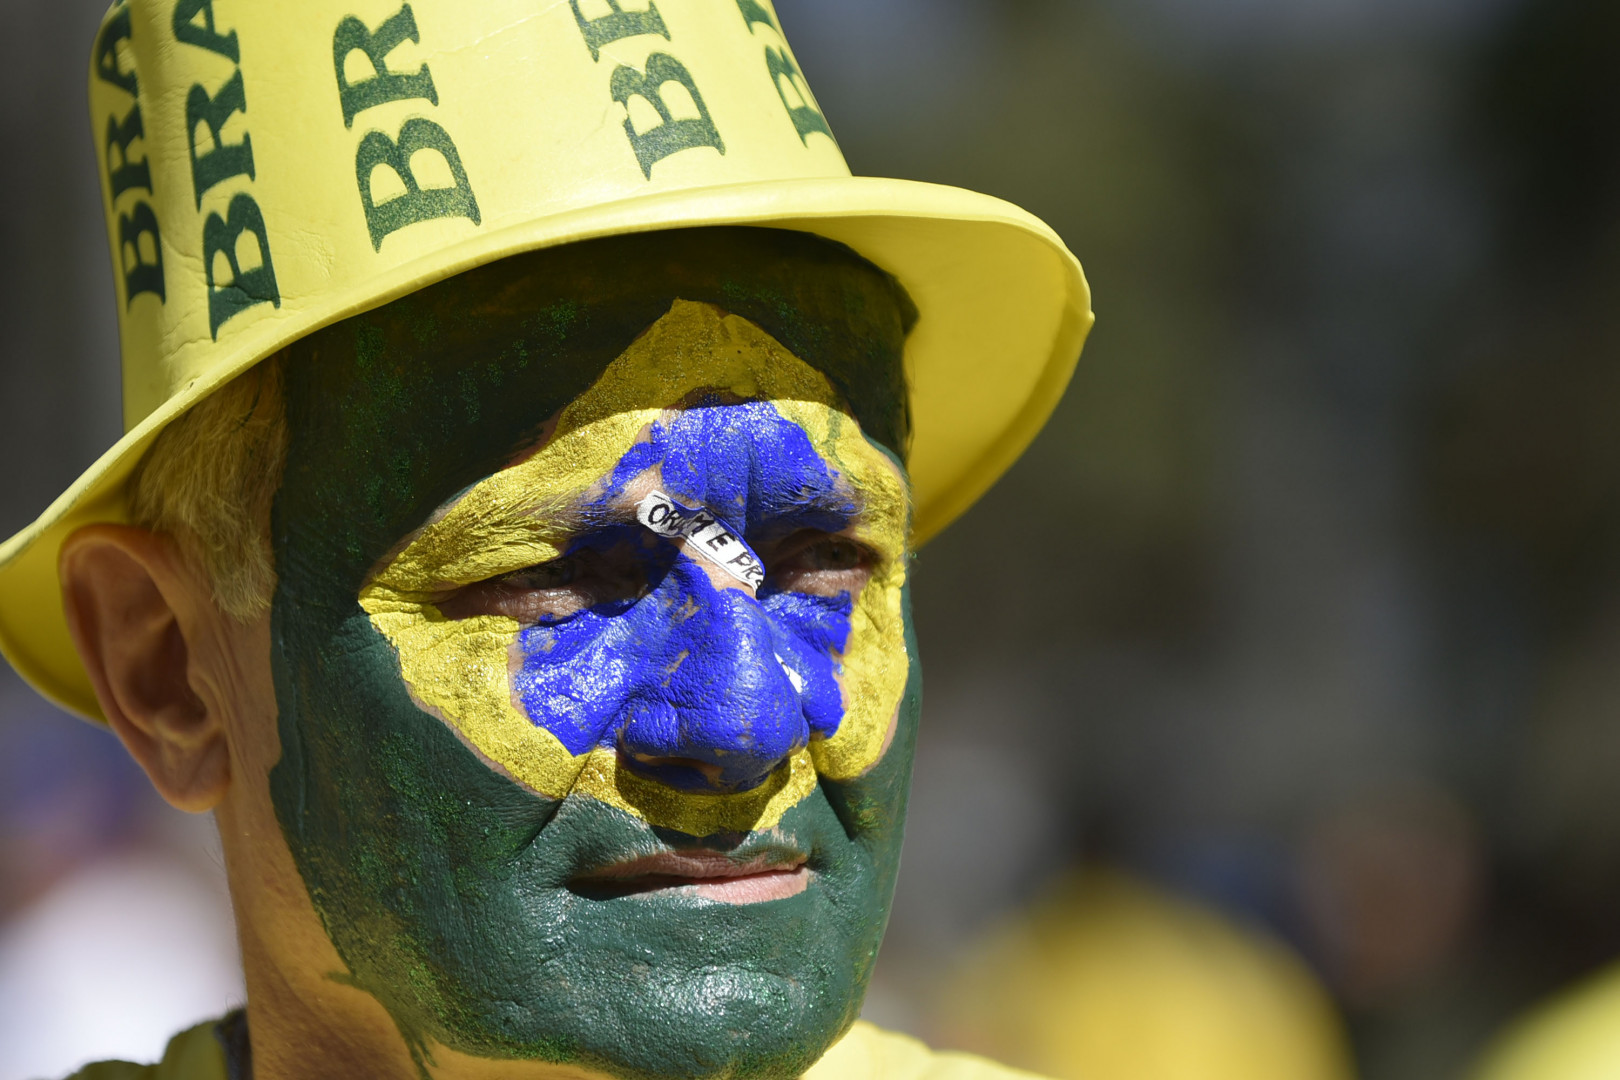 La popularité de Dilma Rousseff a dégringolé en quelques mois